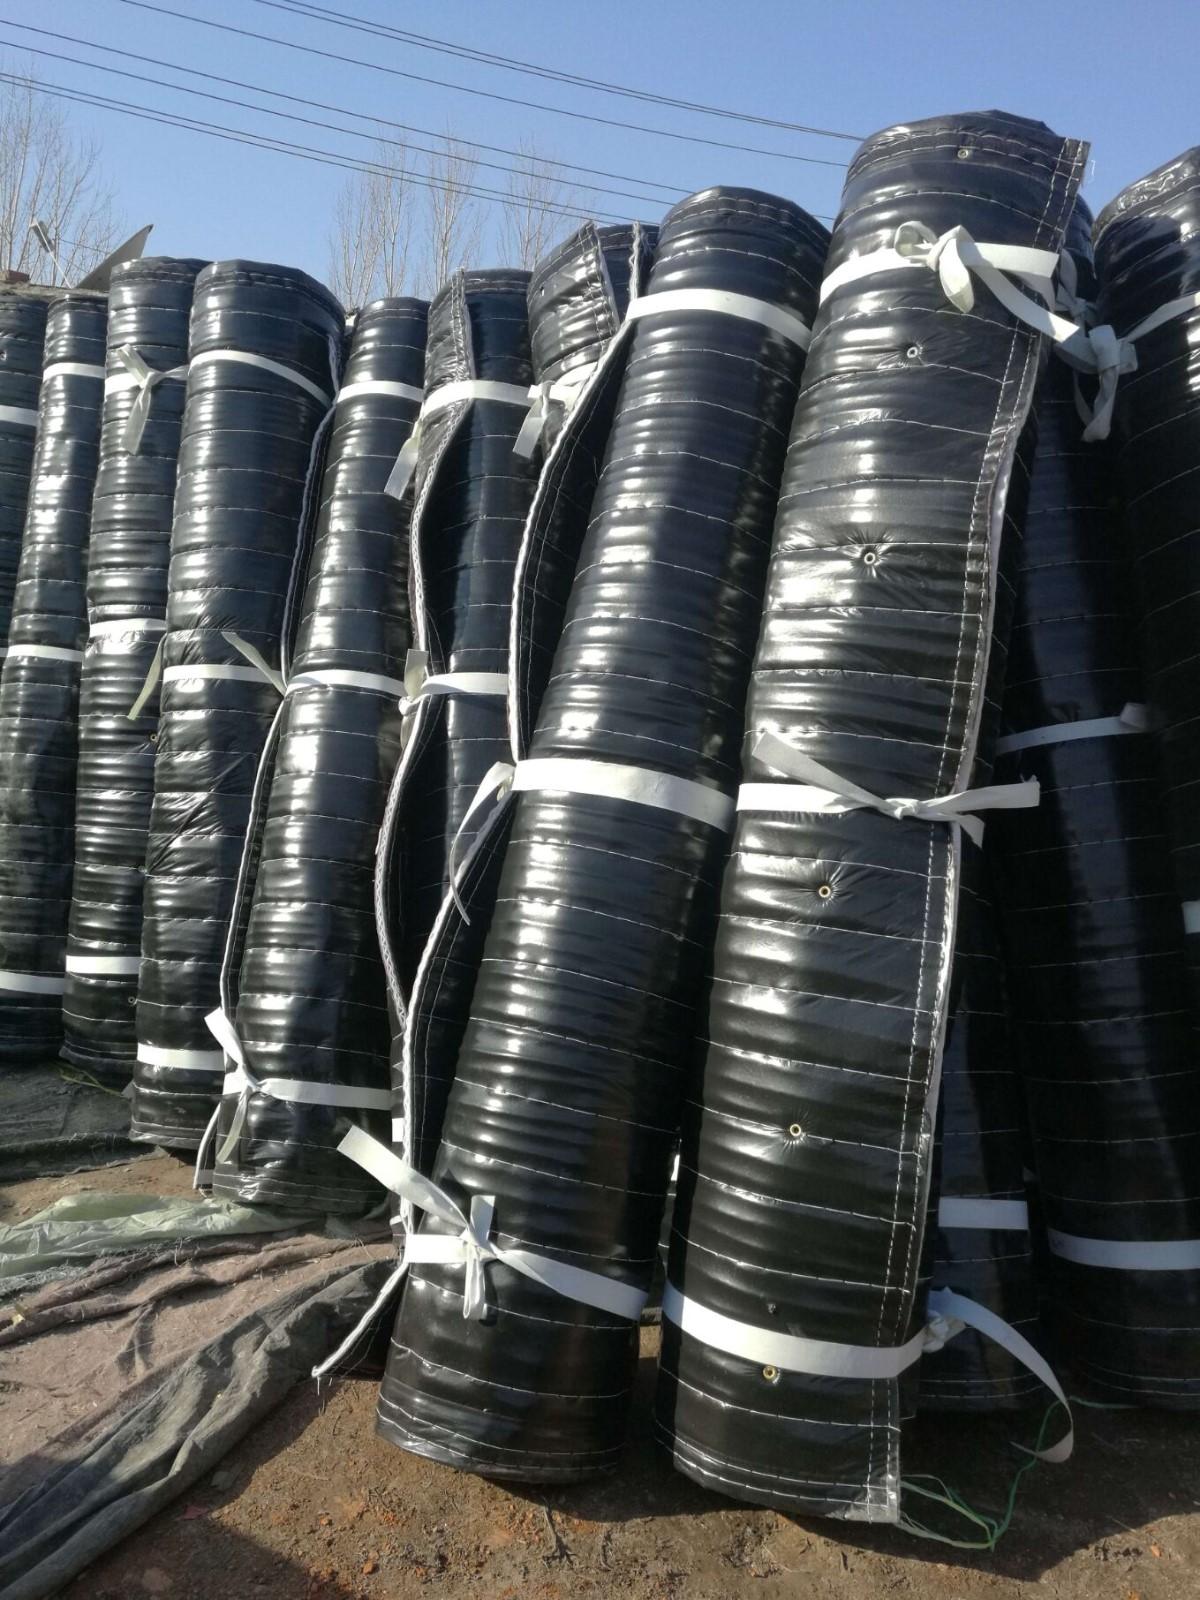 防水保温被德律风-商用防水毡-安新县飞龙无纺布厂